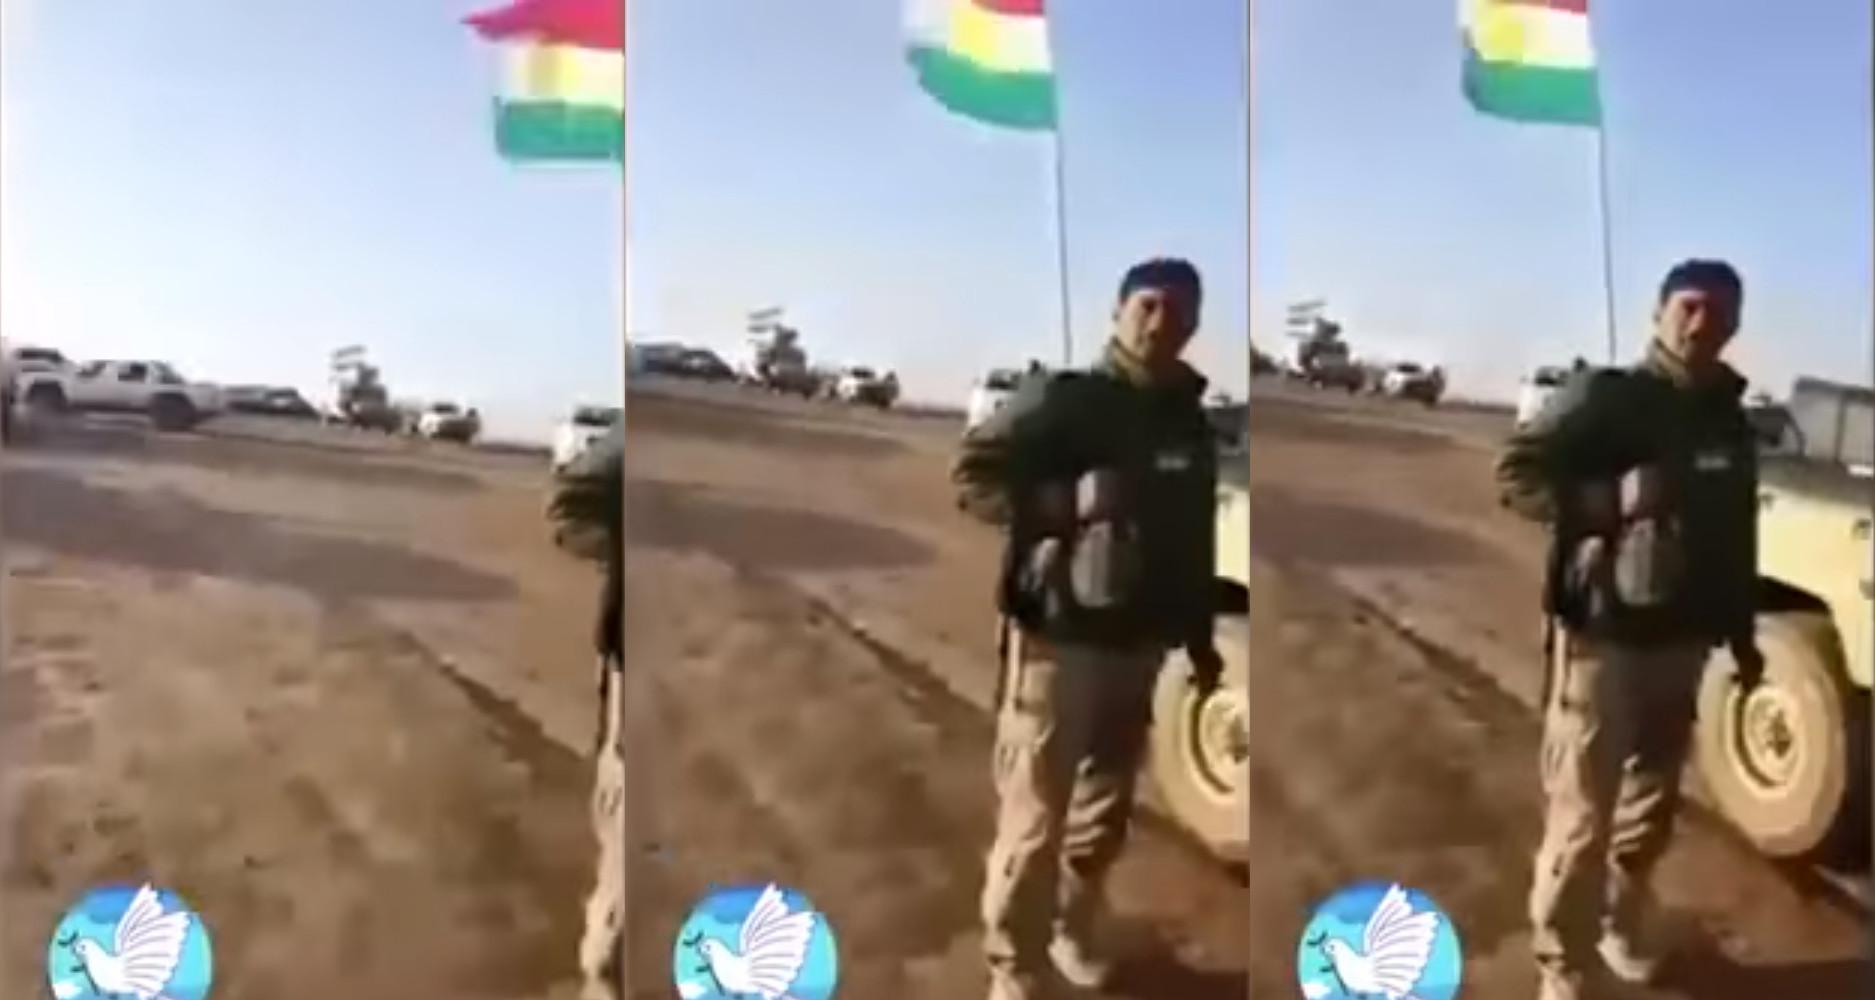 Kurdistans flagga är röd, vit och grön och har en gul sol. Foto: Skärmdump